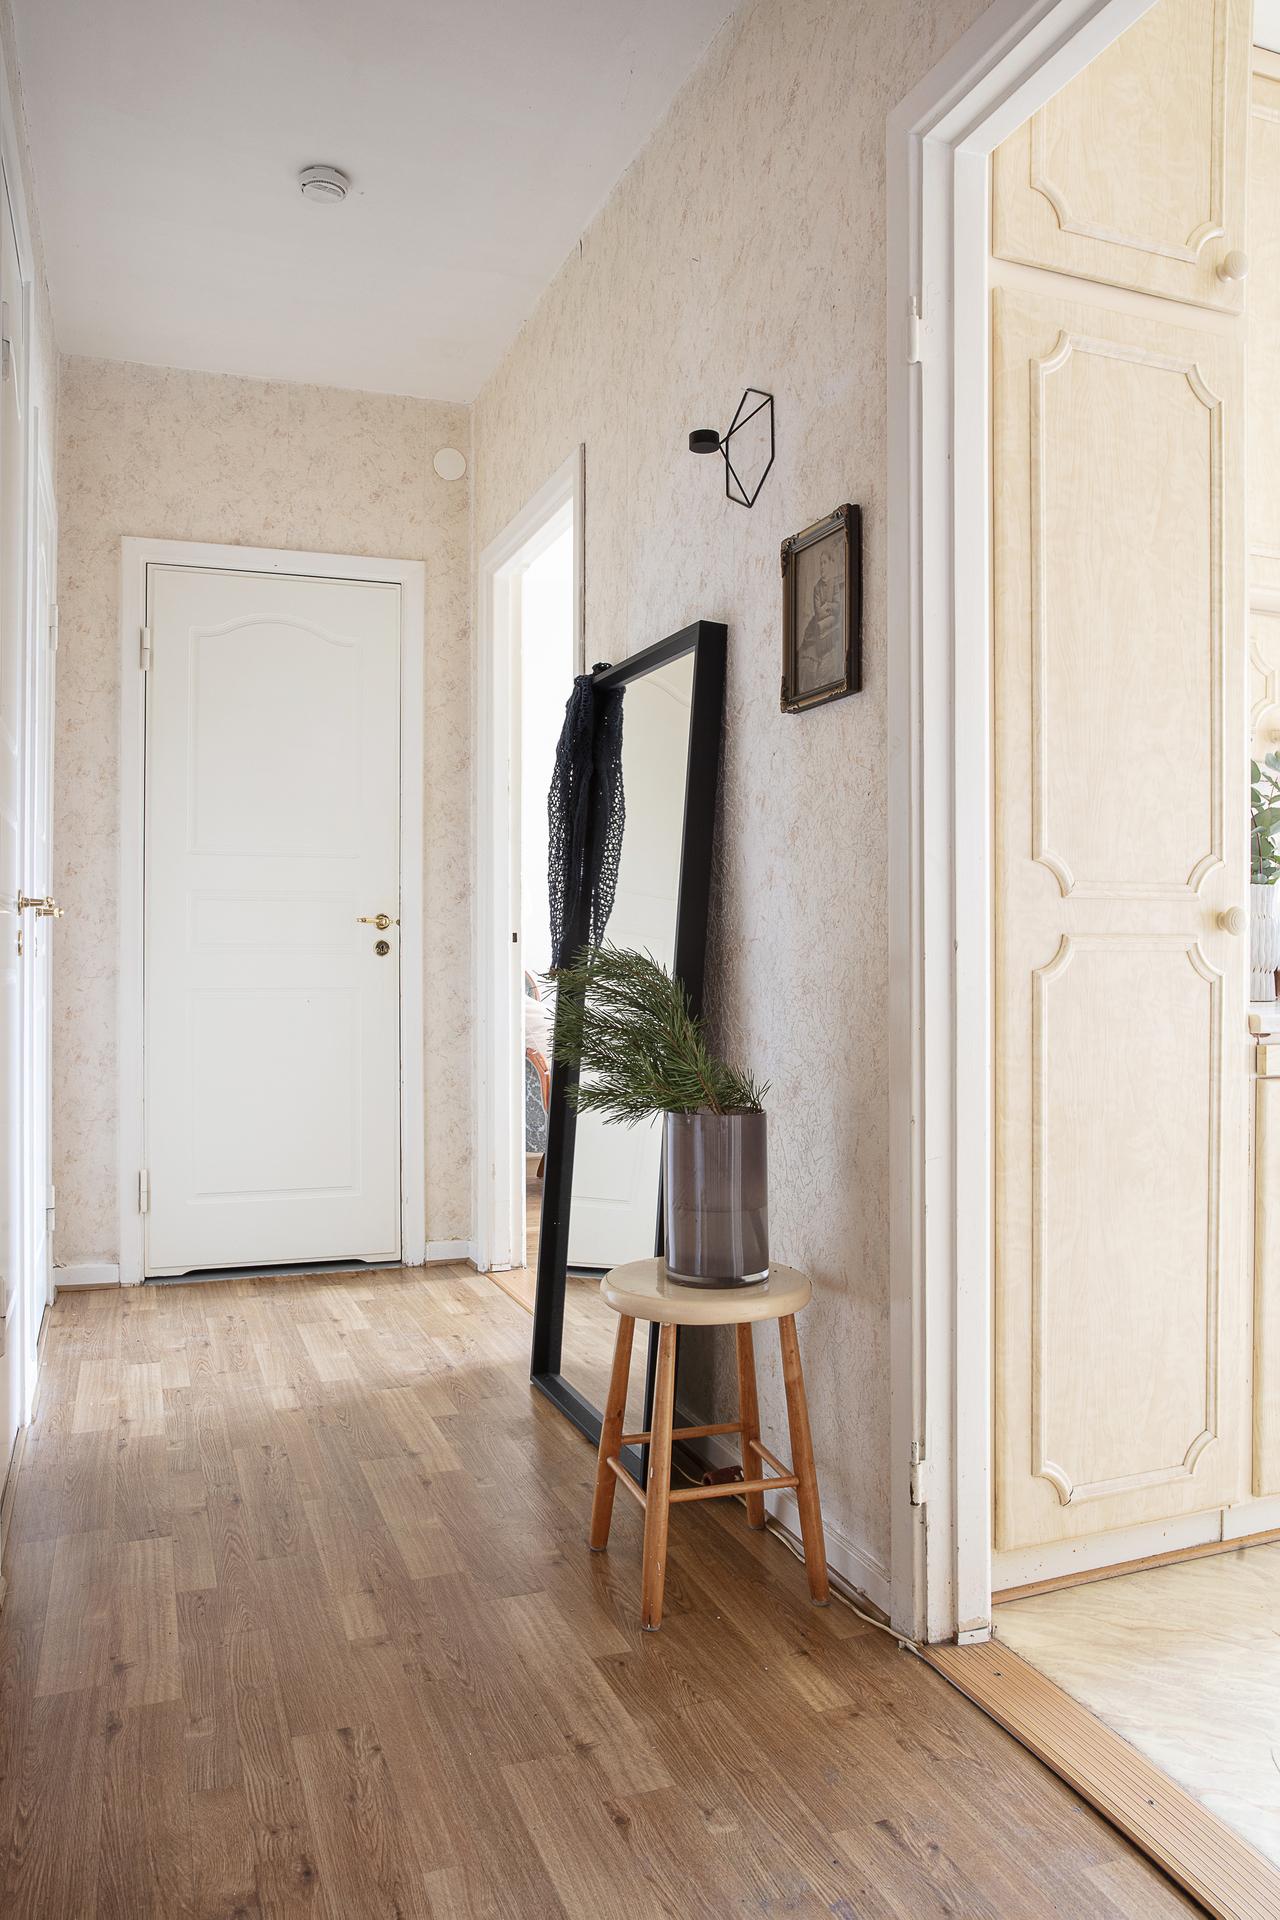 Hallen med vy in mot köket och sovrummet